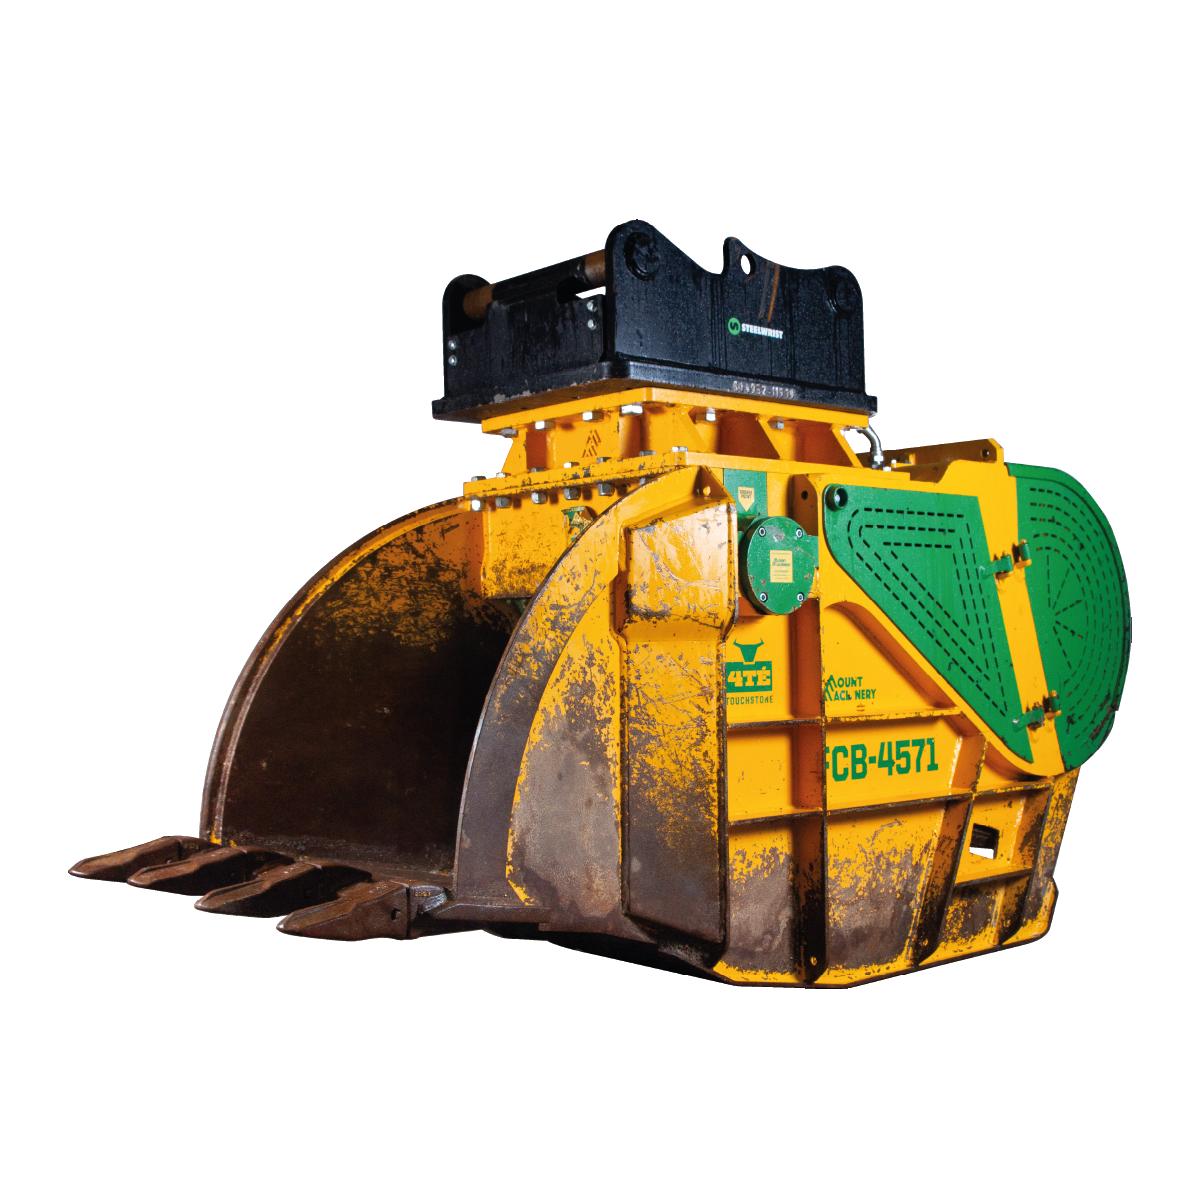 FCB-4571 Crusher Bucket